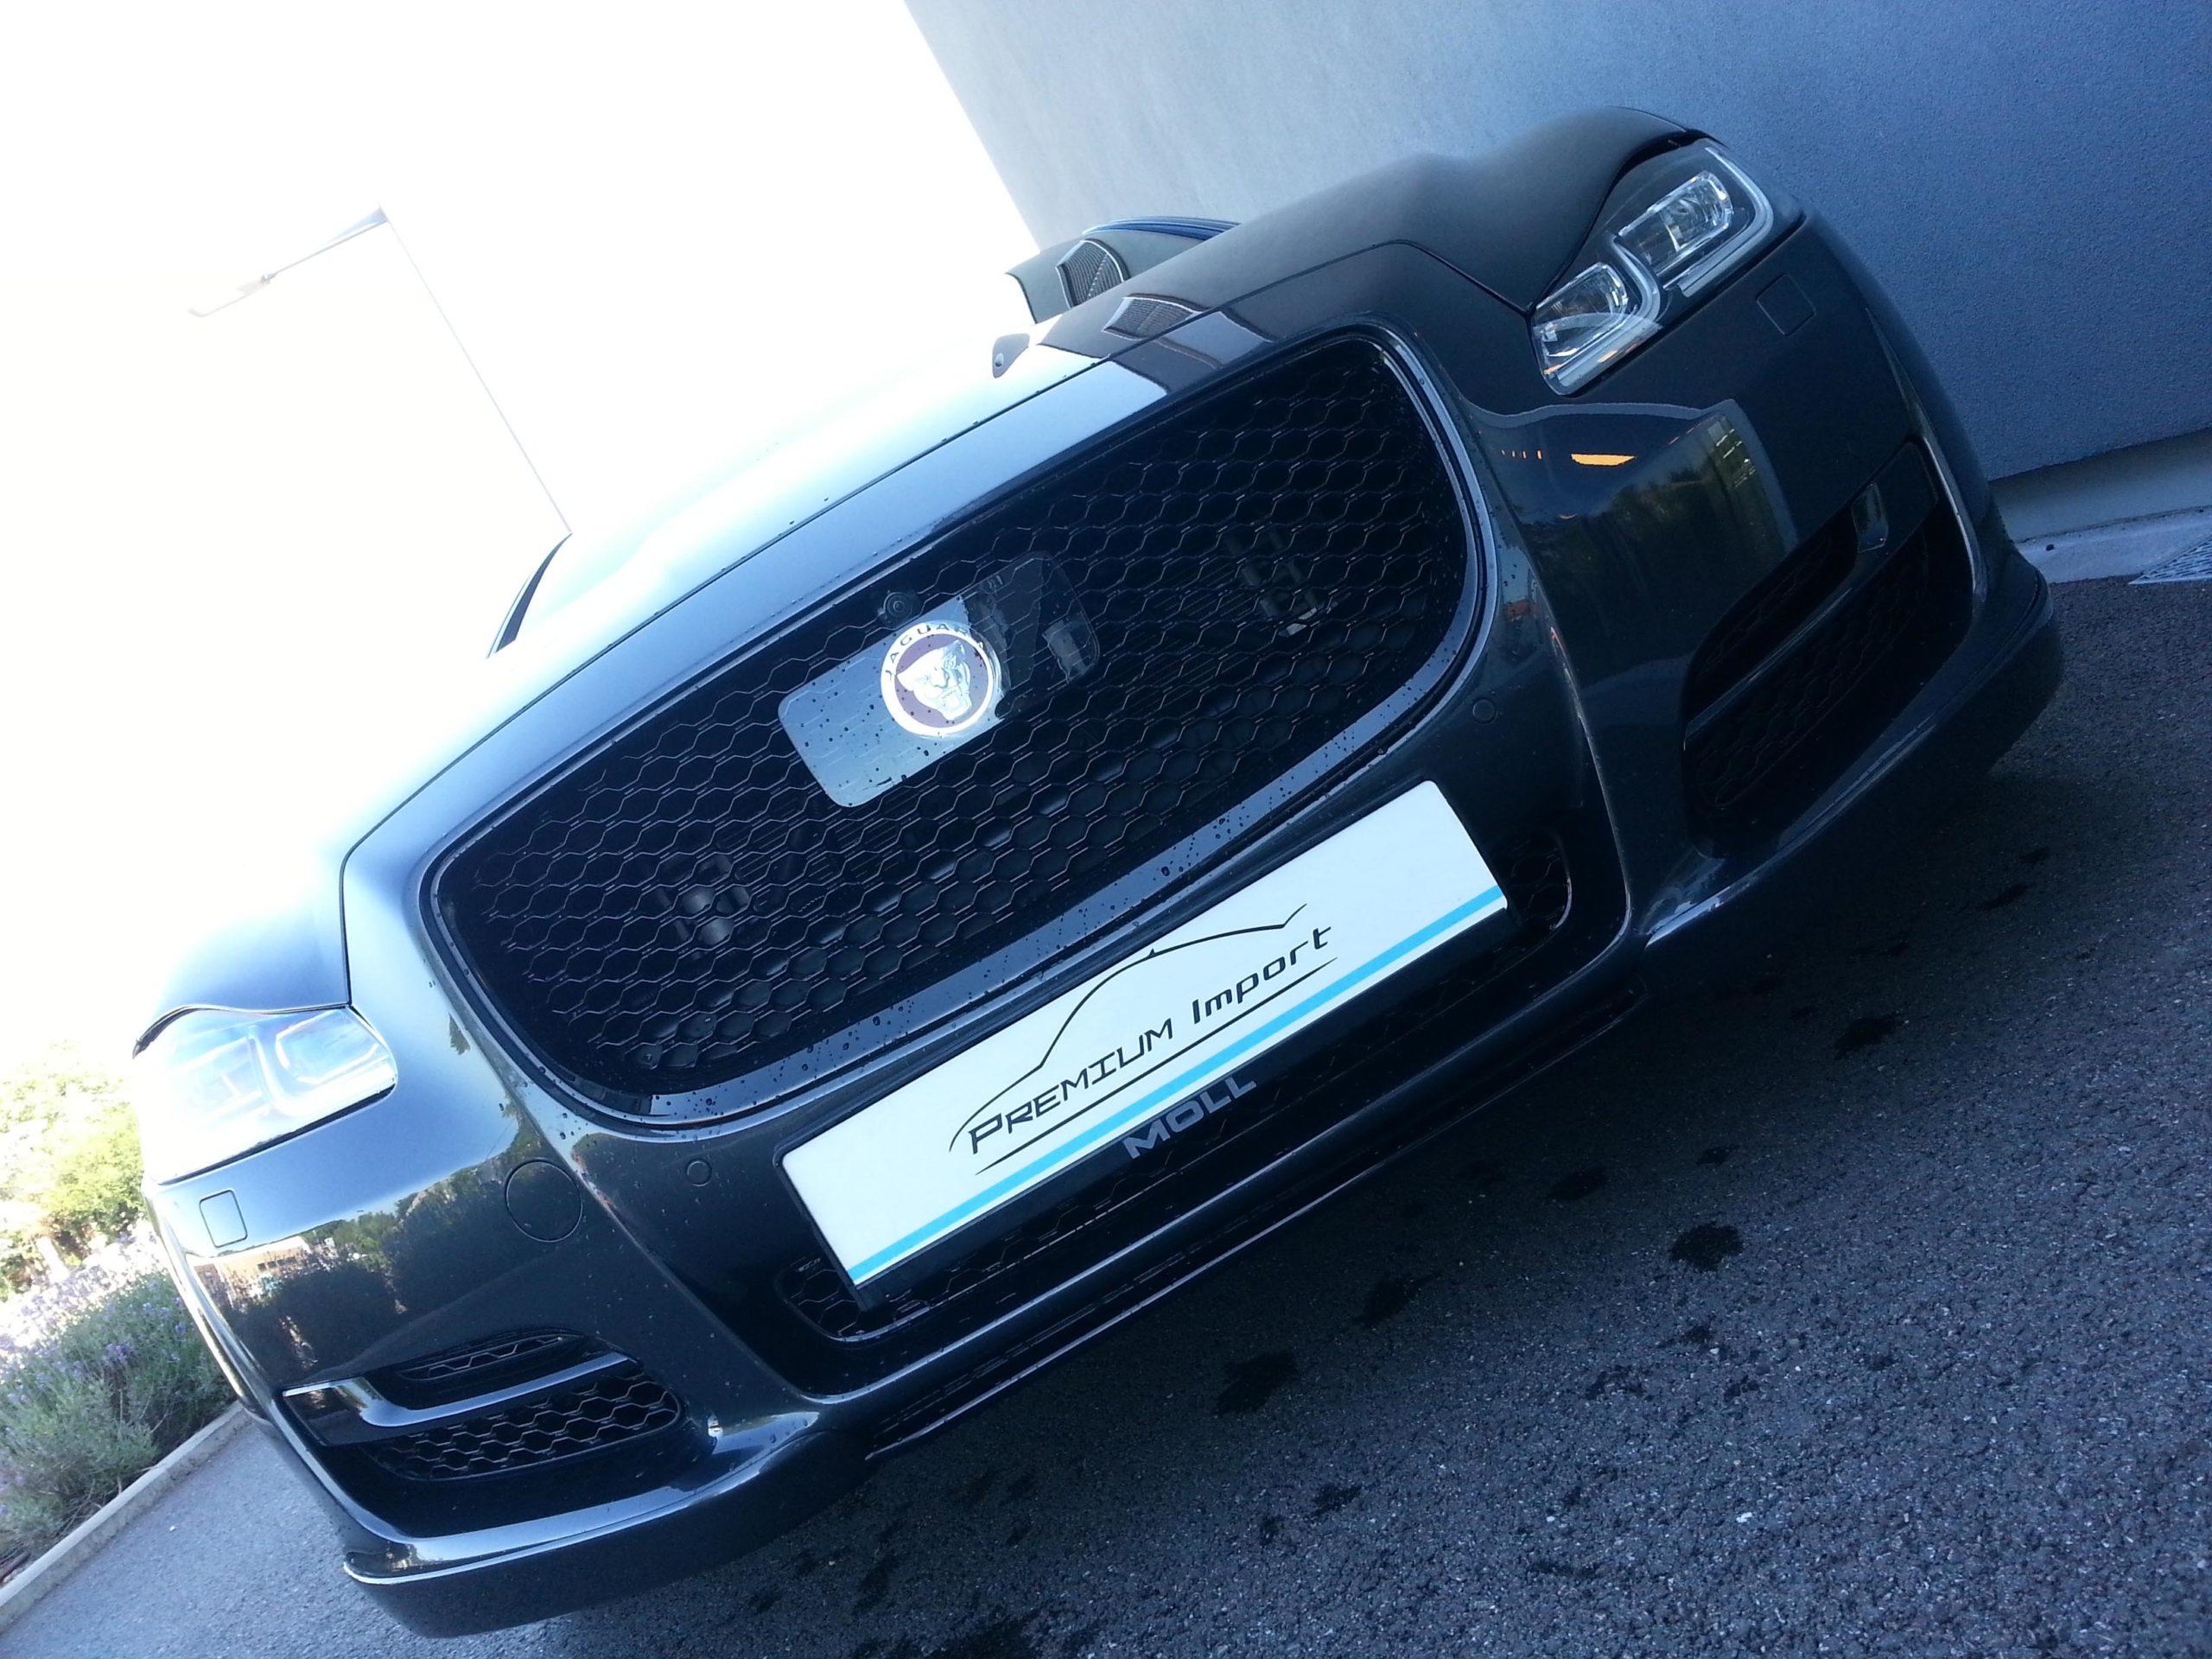 Jaguar XJ 3.0 V6 diesel